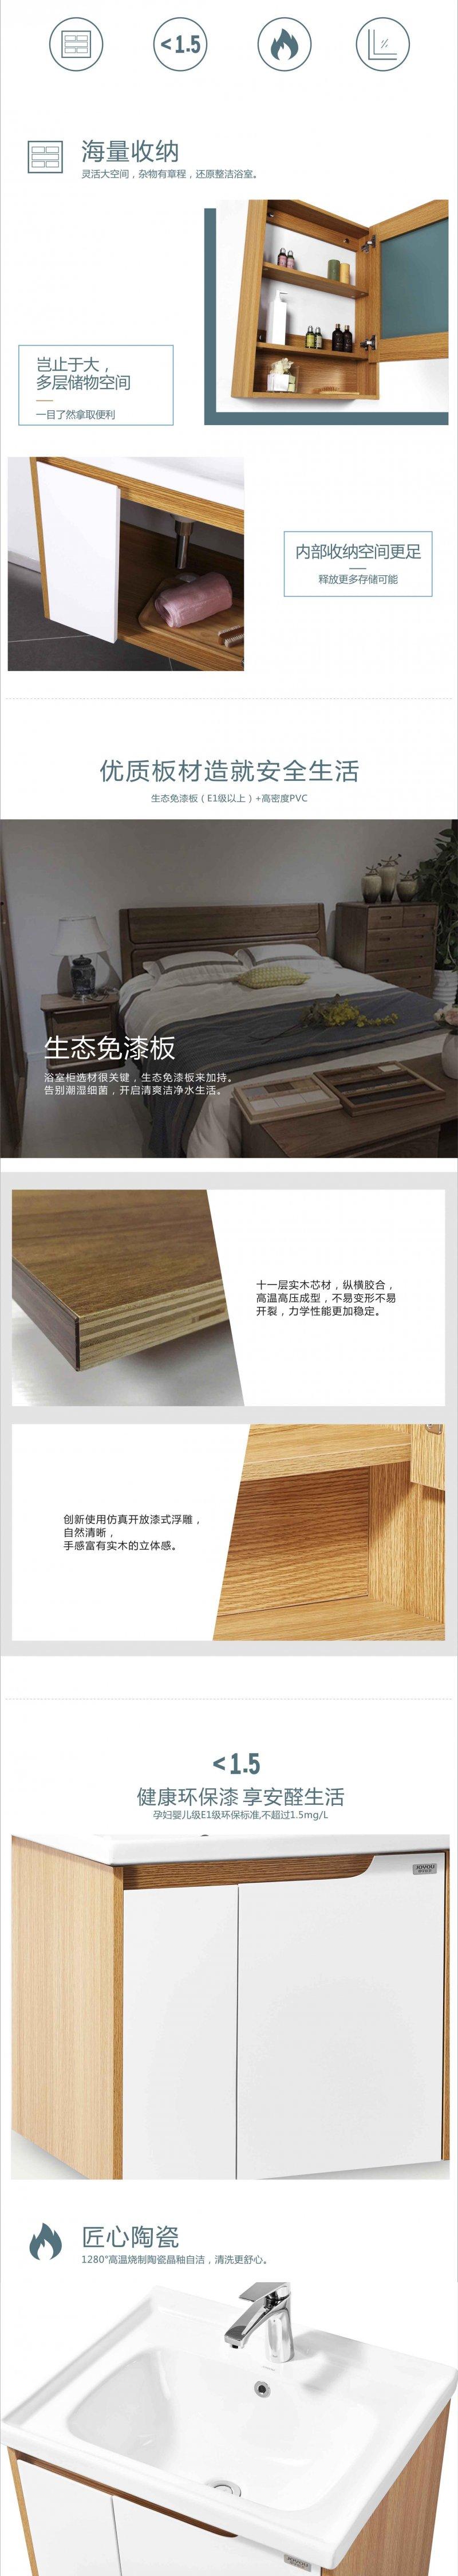 中宇卫浴 浴室柜 JY68502-MQ05